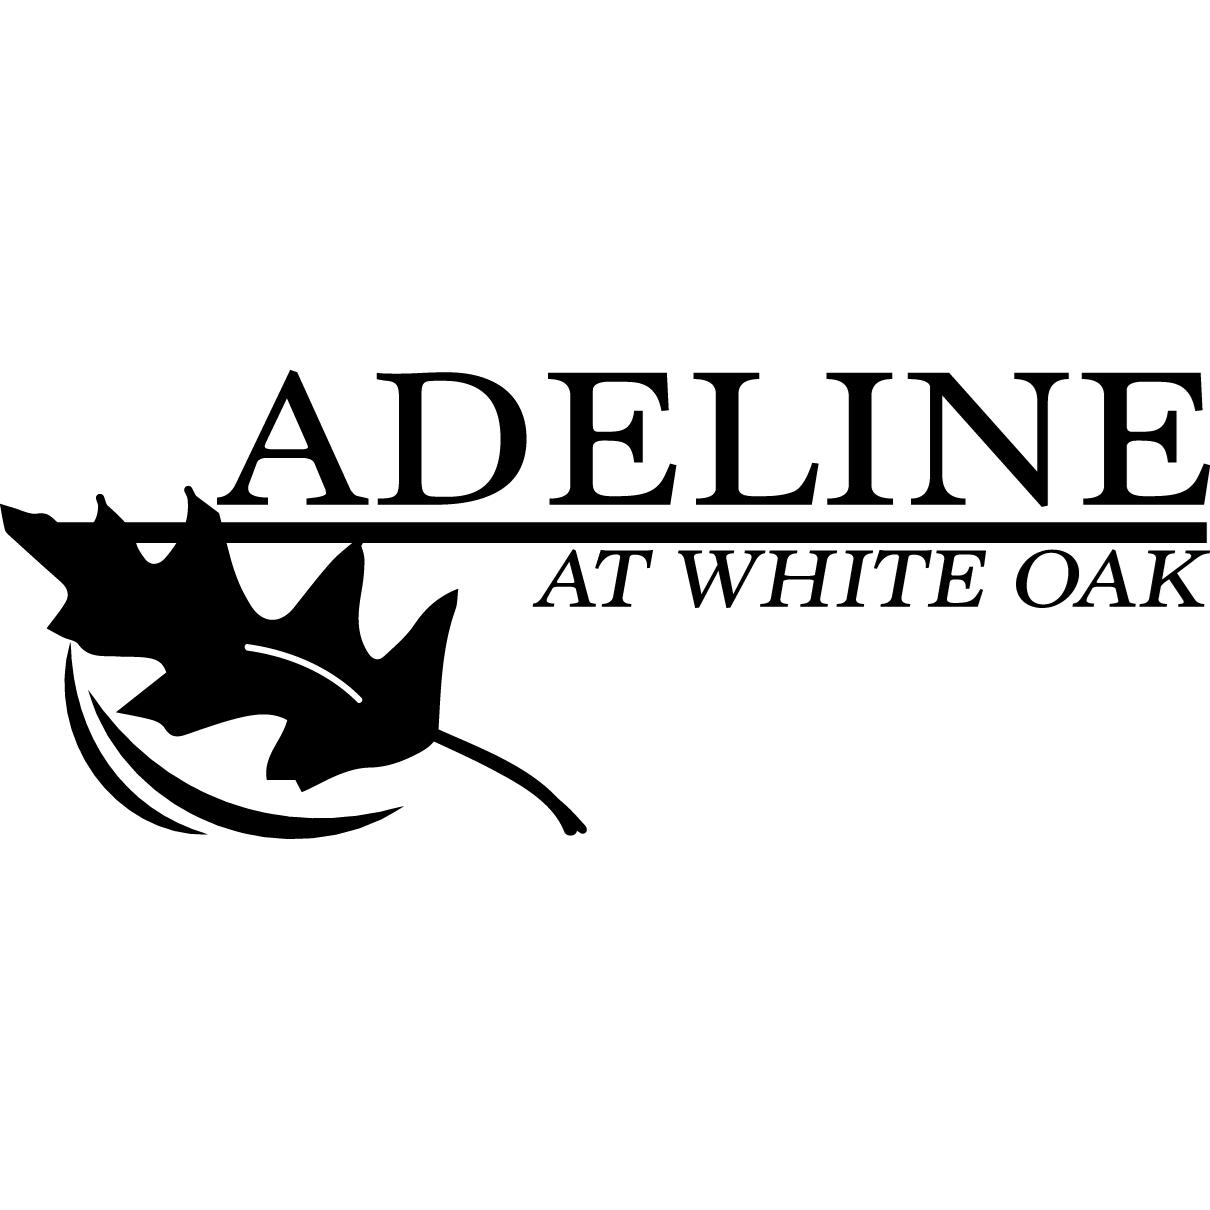 Adeline at White Oak